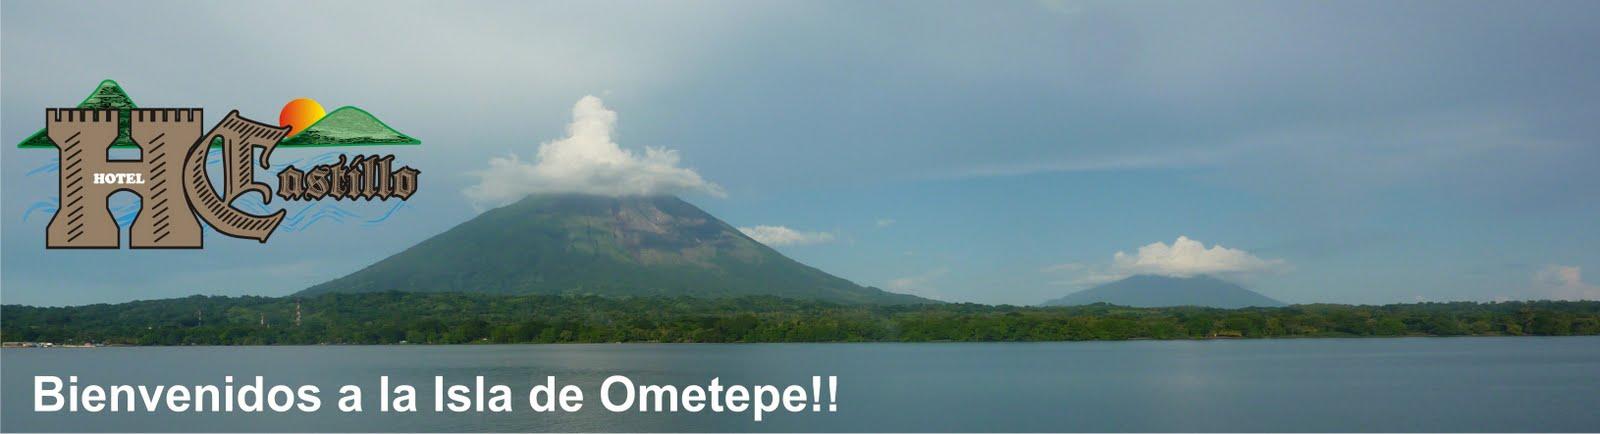 Hotel Castillo - Ometepe Island